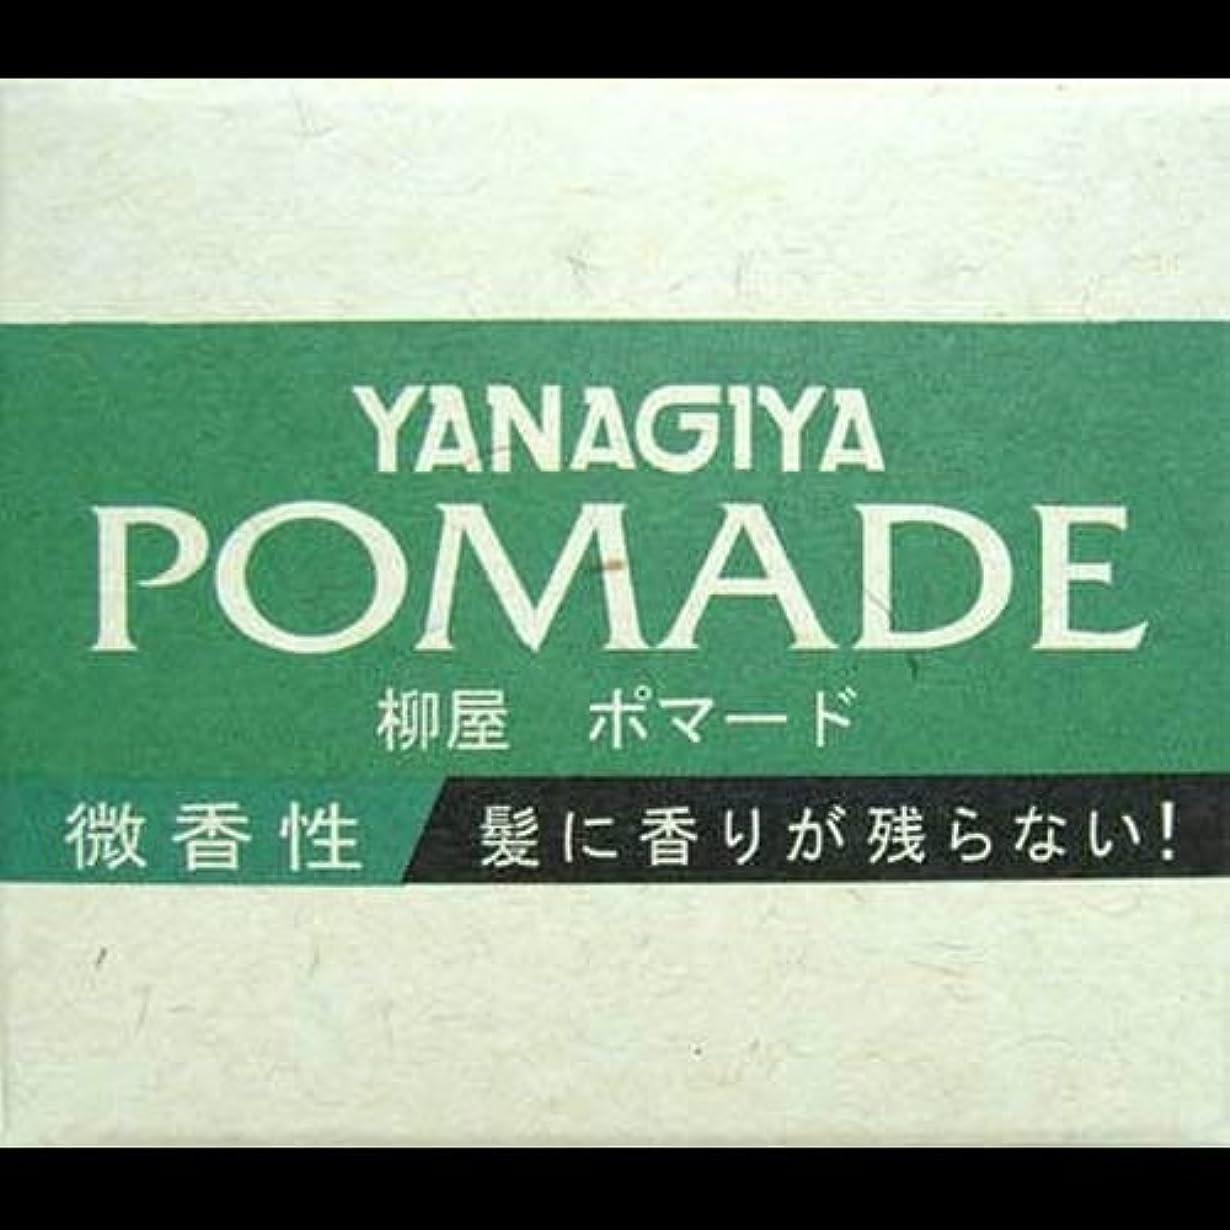 警告するラジウム赤面【まとめ買い】柳屋 ポマード微香性120g ×2セット